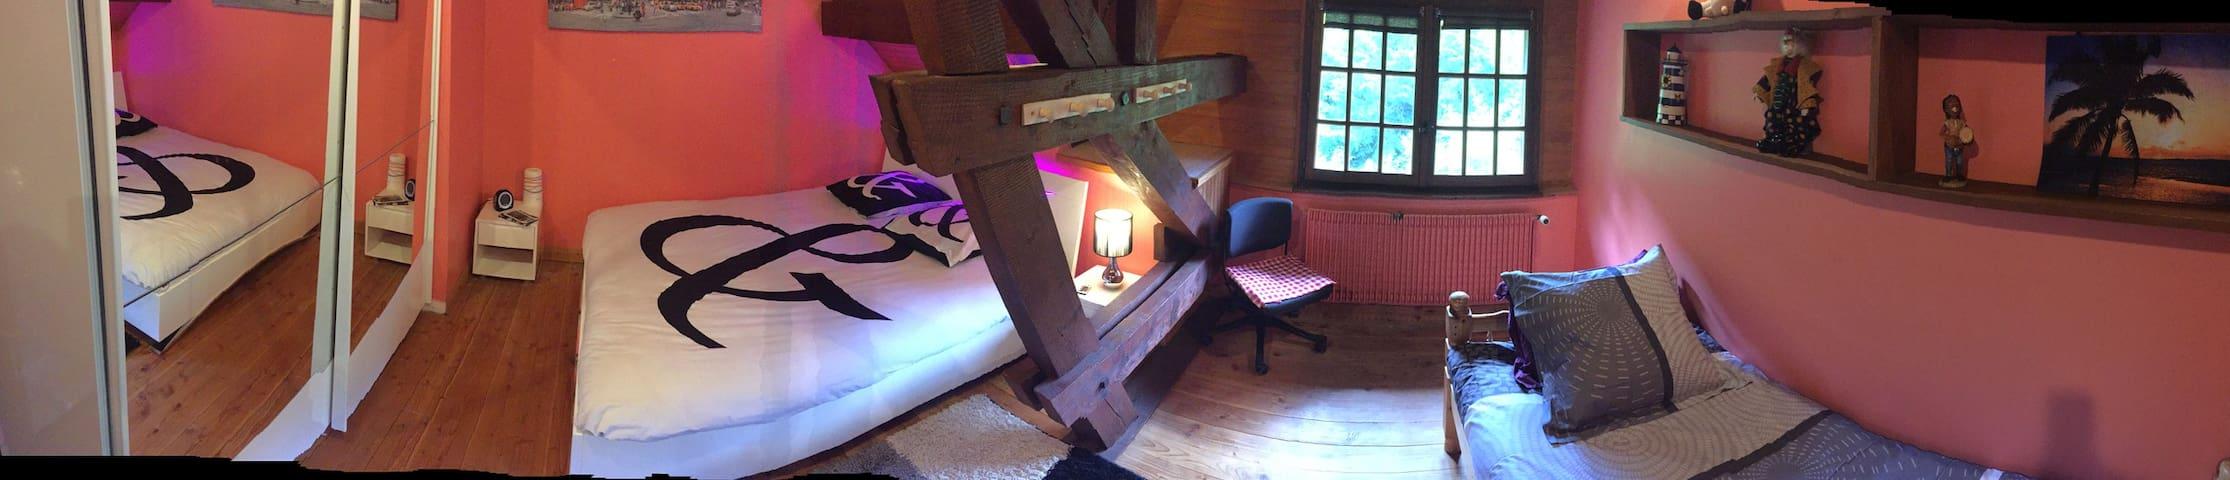 Chambre spacieuse dans une maison de caractère - Saint-Hippolyte